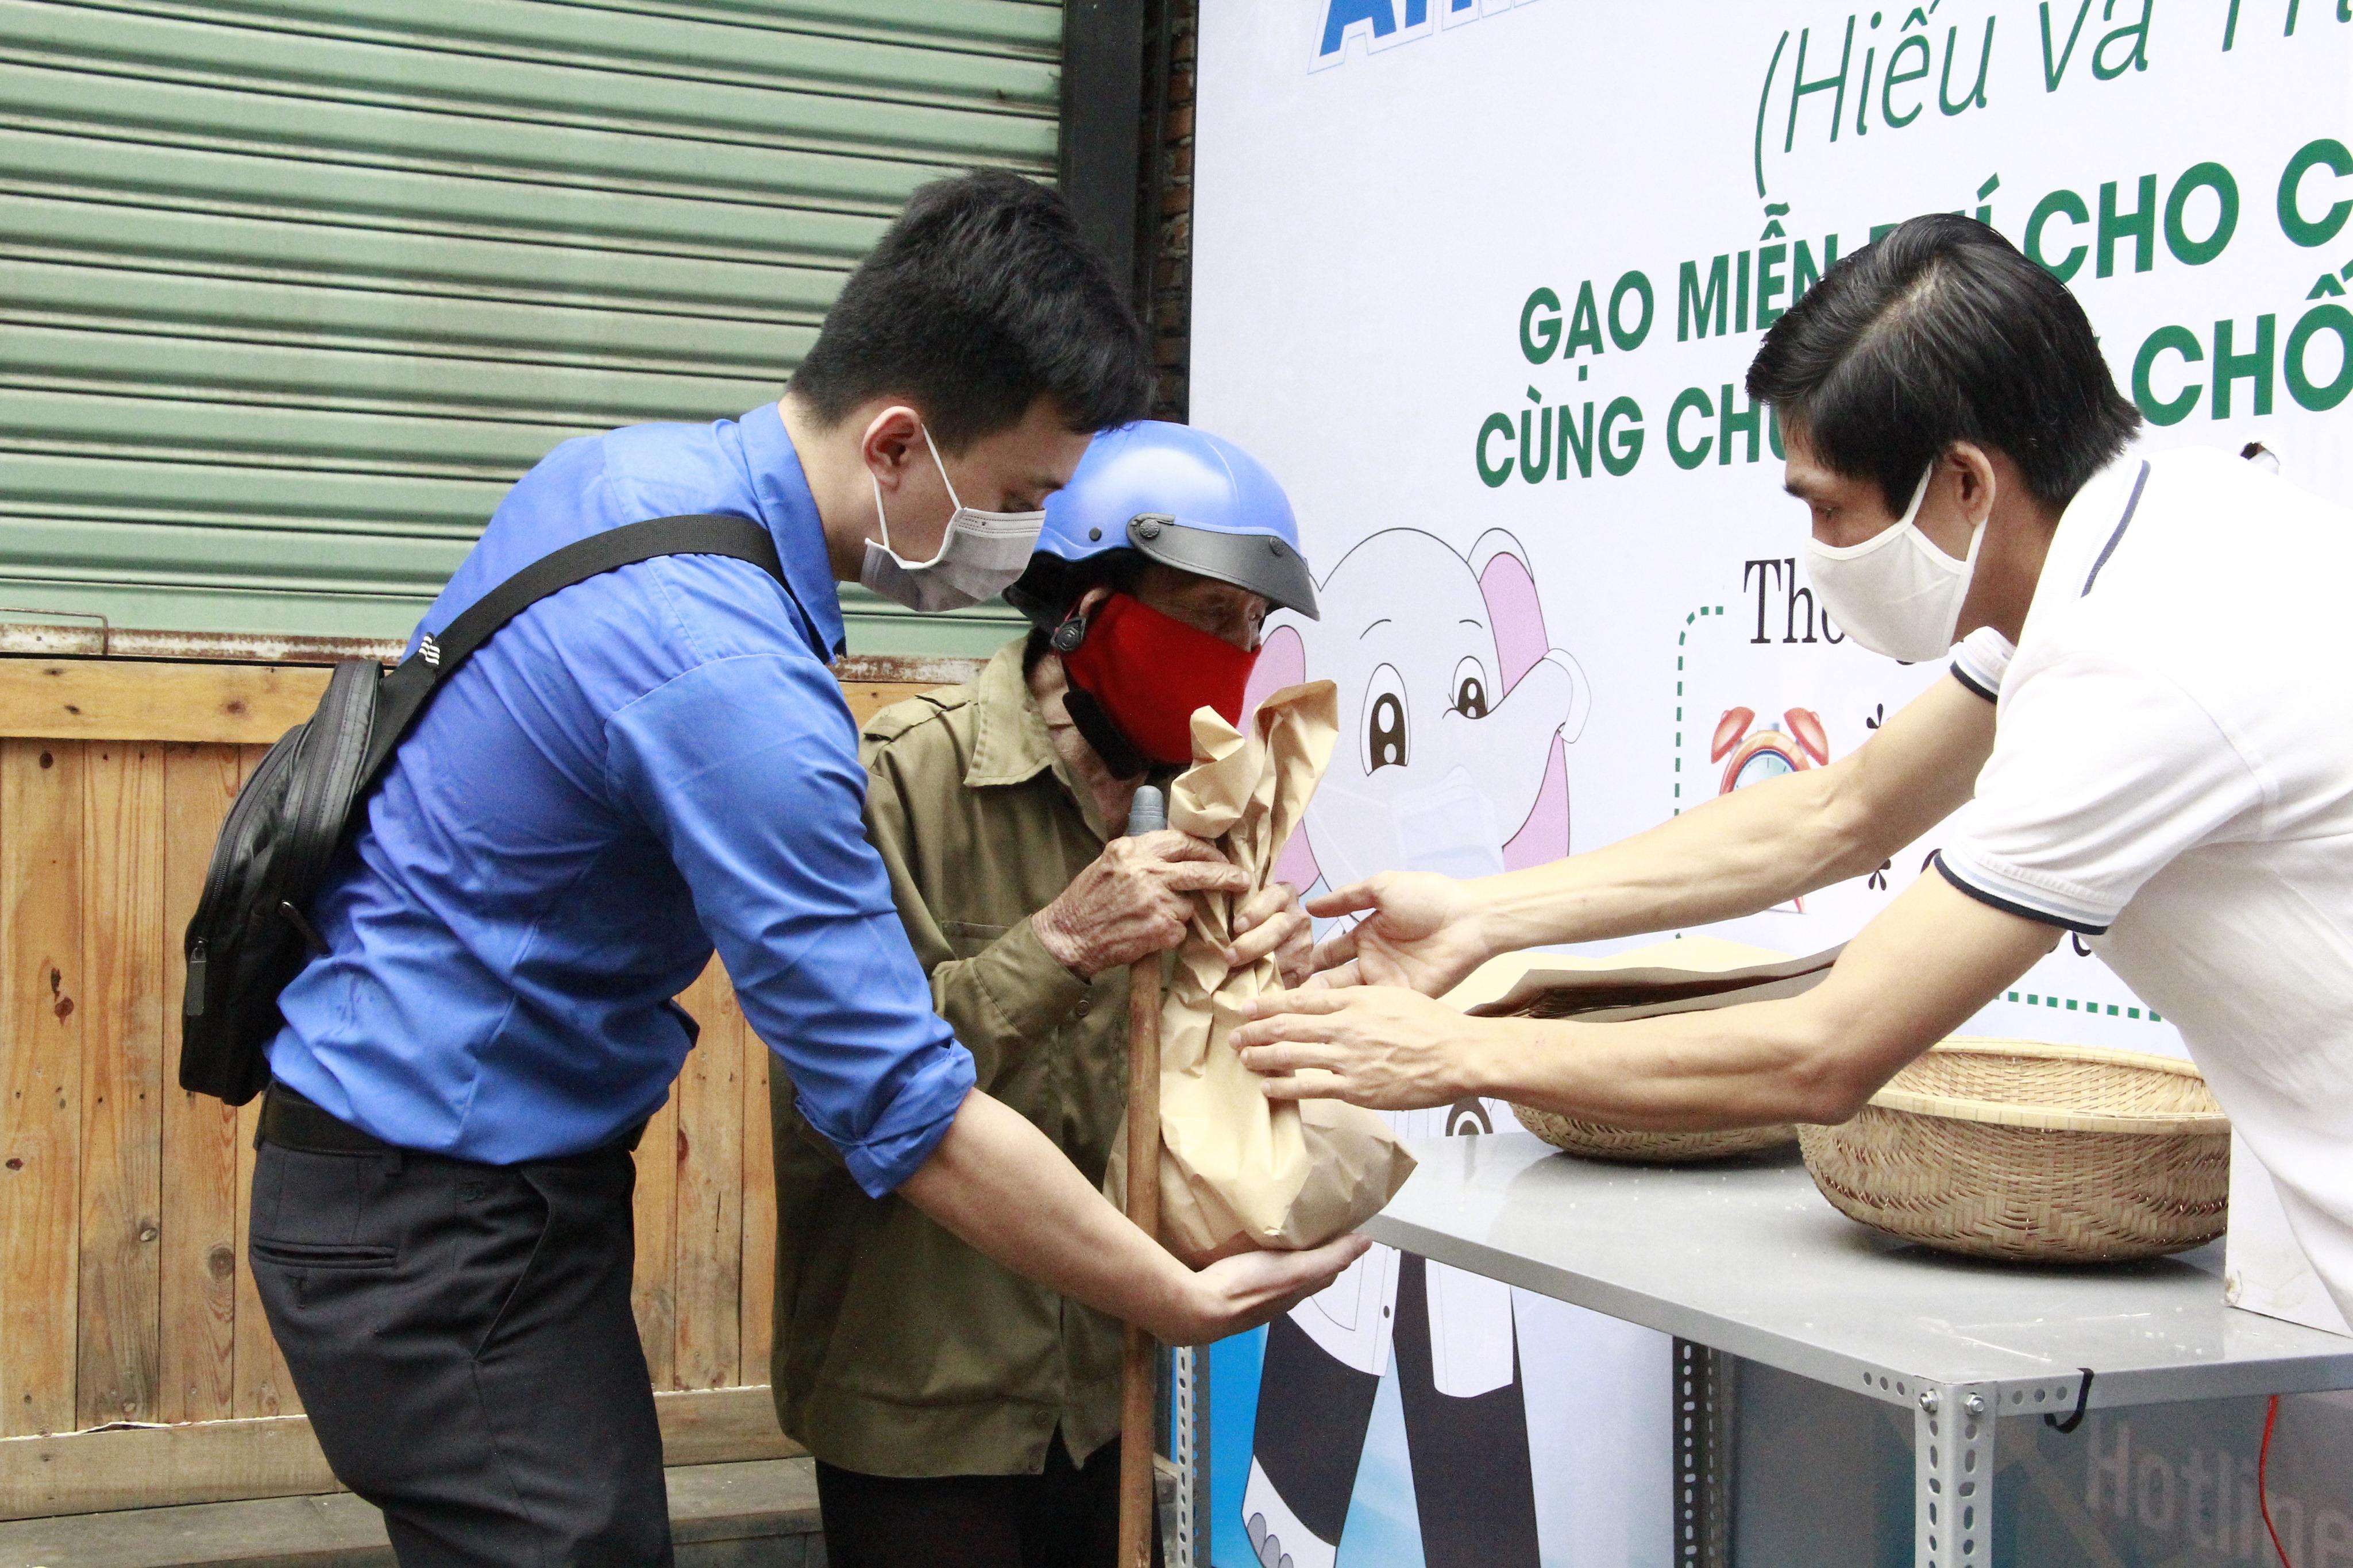 Phê duyệt danh sách hỗ trợ người lao động không có giao kết hợp đồng lao động bị mất việc làm gặp khó khăn do đại dịch Covid-19 của huyện M'Drắk